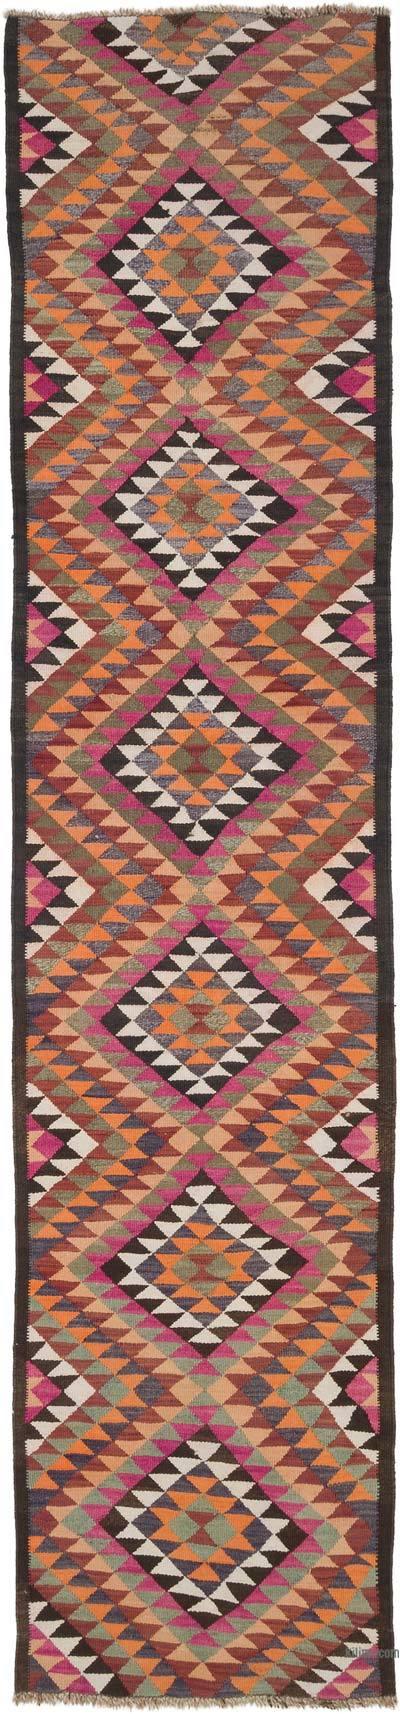 Kilim Vintage Turco de Pasillo - 90 cm x 380 cm